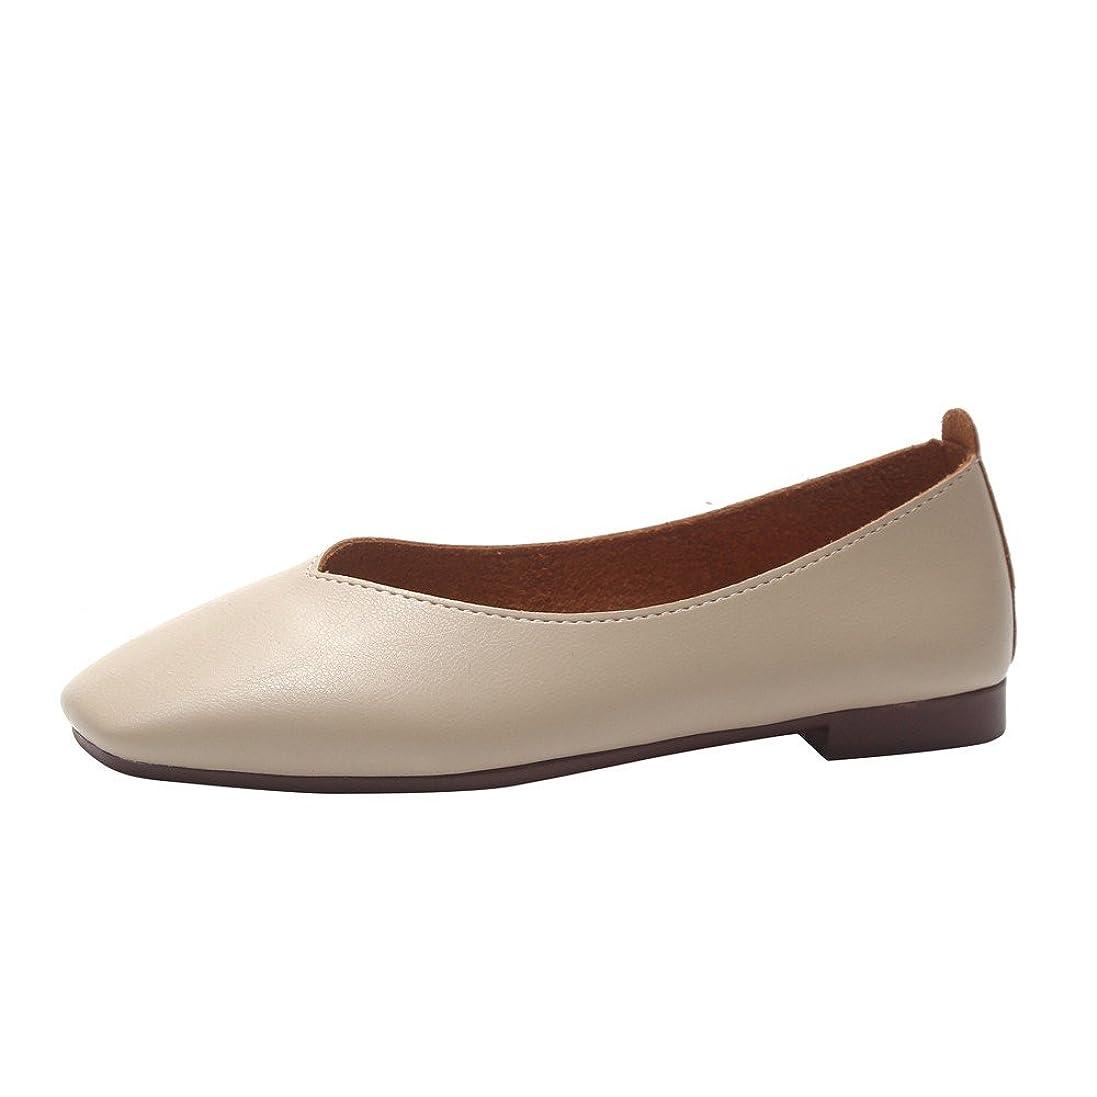 説得力のあるパシフィックトランジスタパンプス Florrita レディース シンプル靴 無地 Vカット スクエアトゥ ぺたんこ フラット 浅履き モカシン バレエシューズ 柔らかい 歩きやすい ローヒール カジュアル バレエ オフィス 旅行 春夏秋 婦人靴